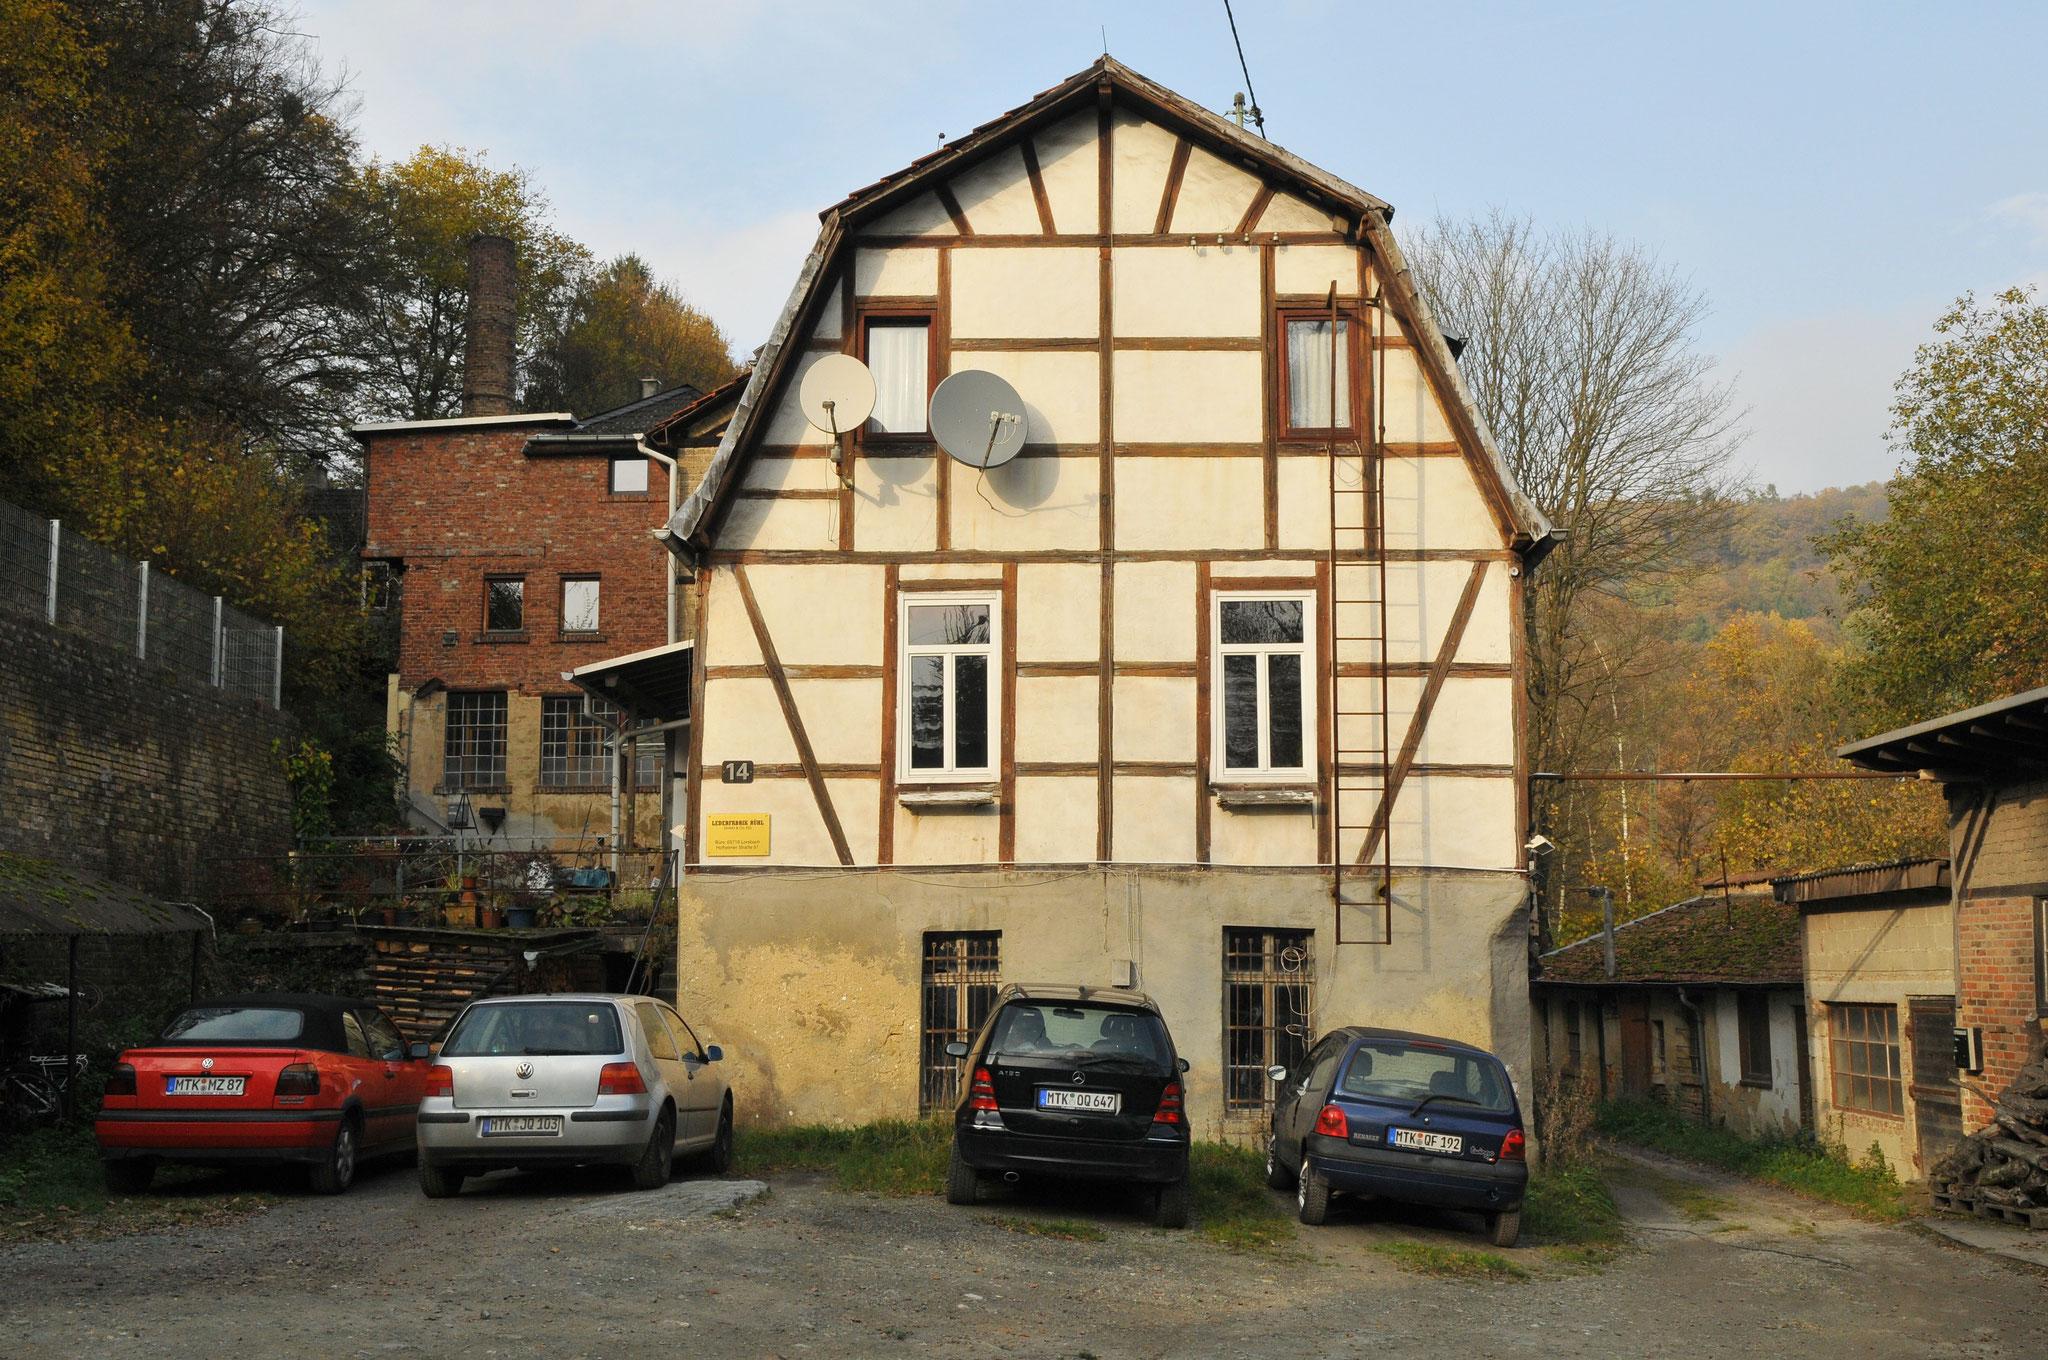 Parkplatz Lederfabrik Rühl